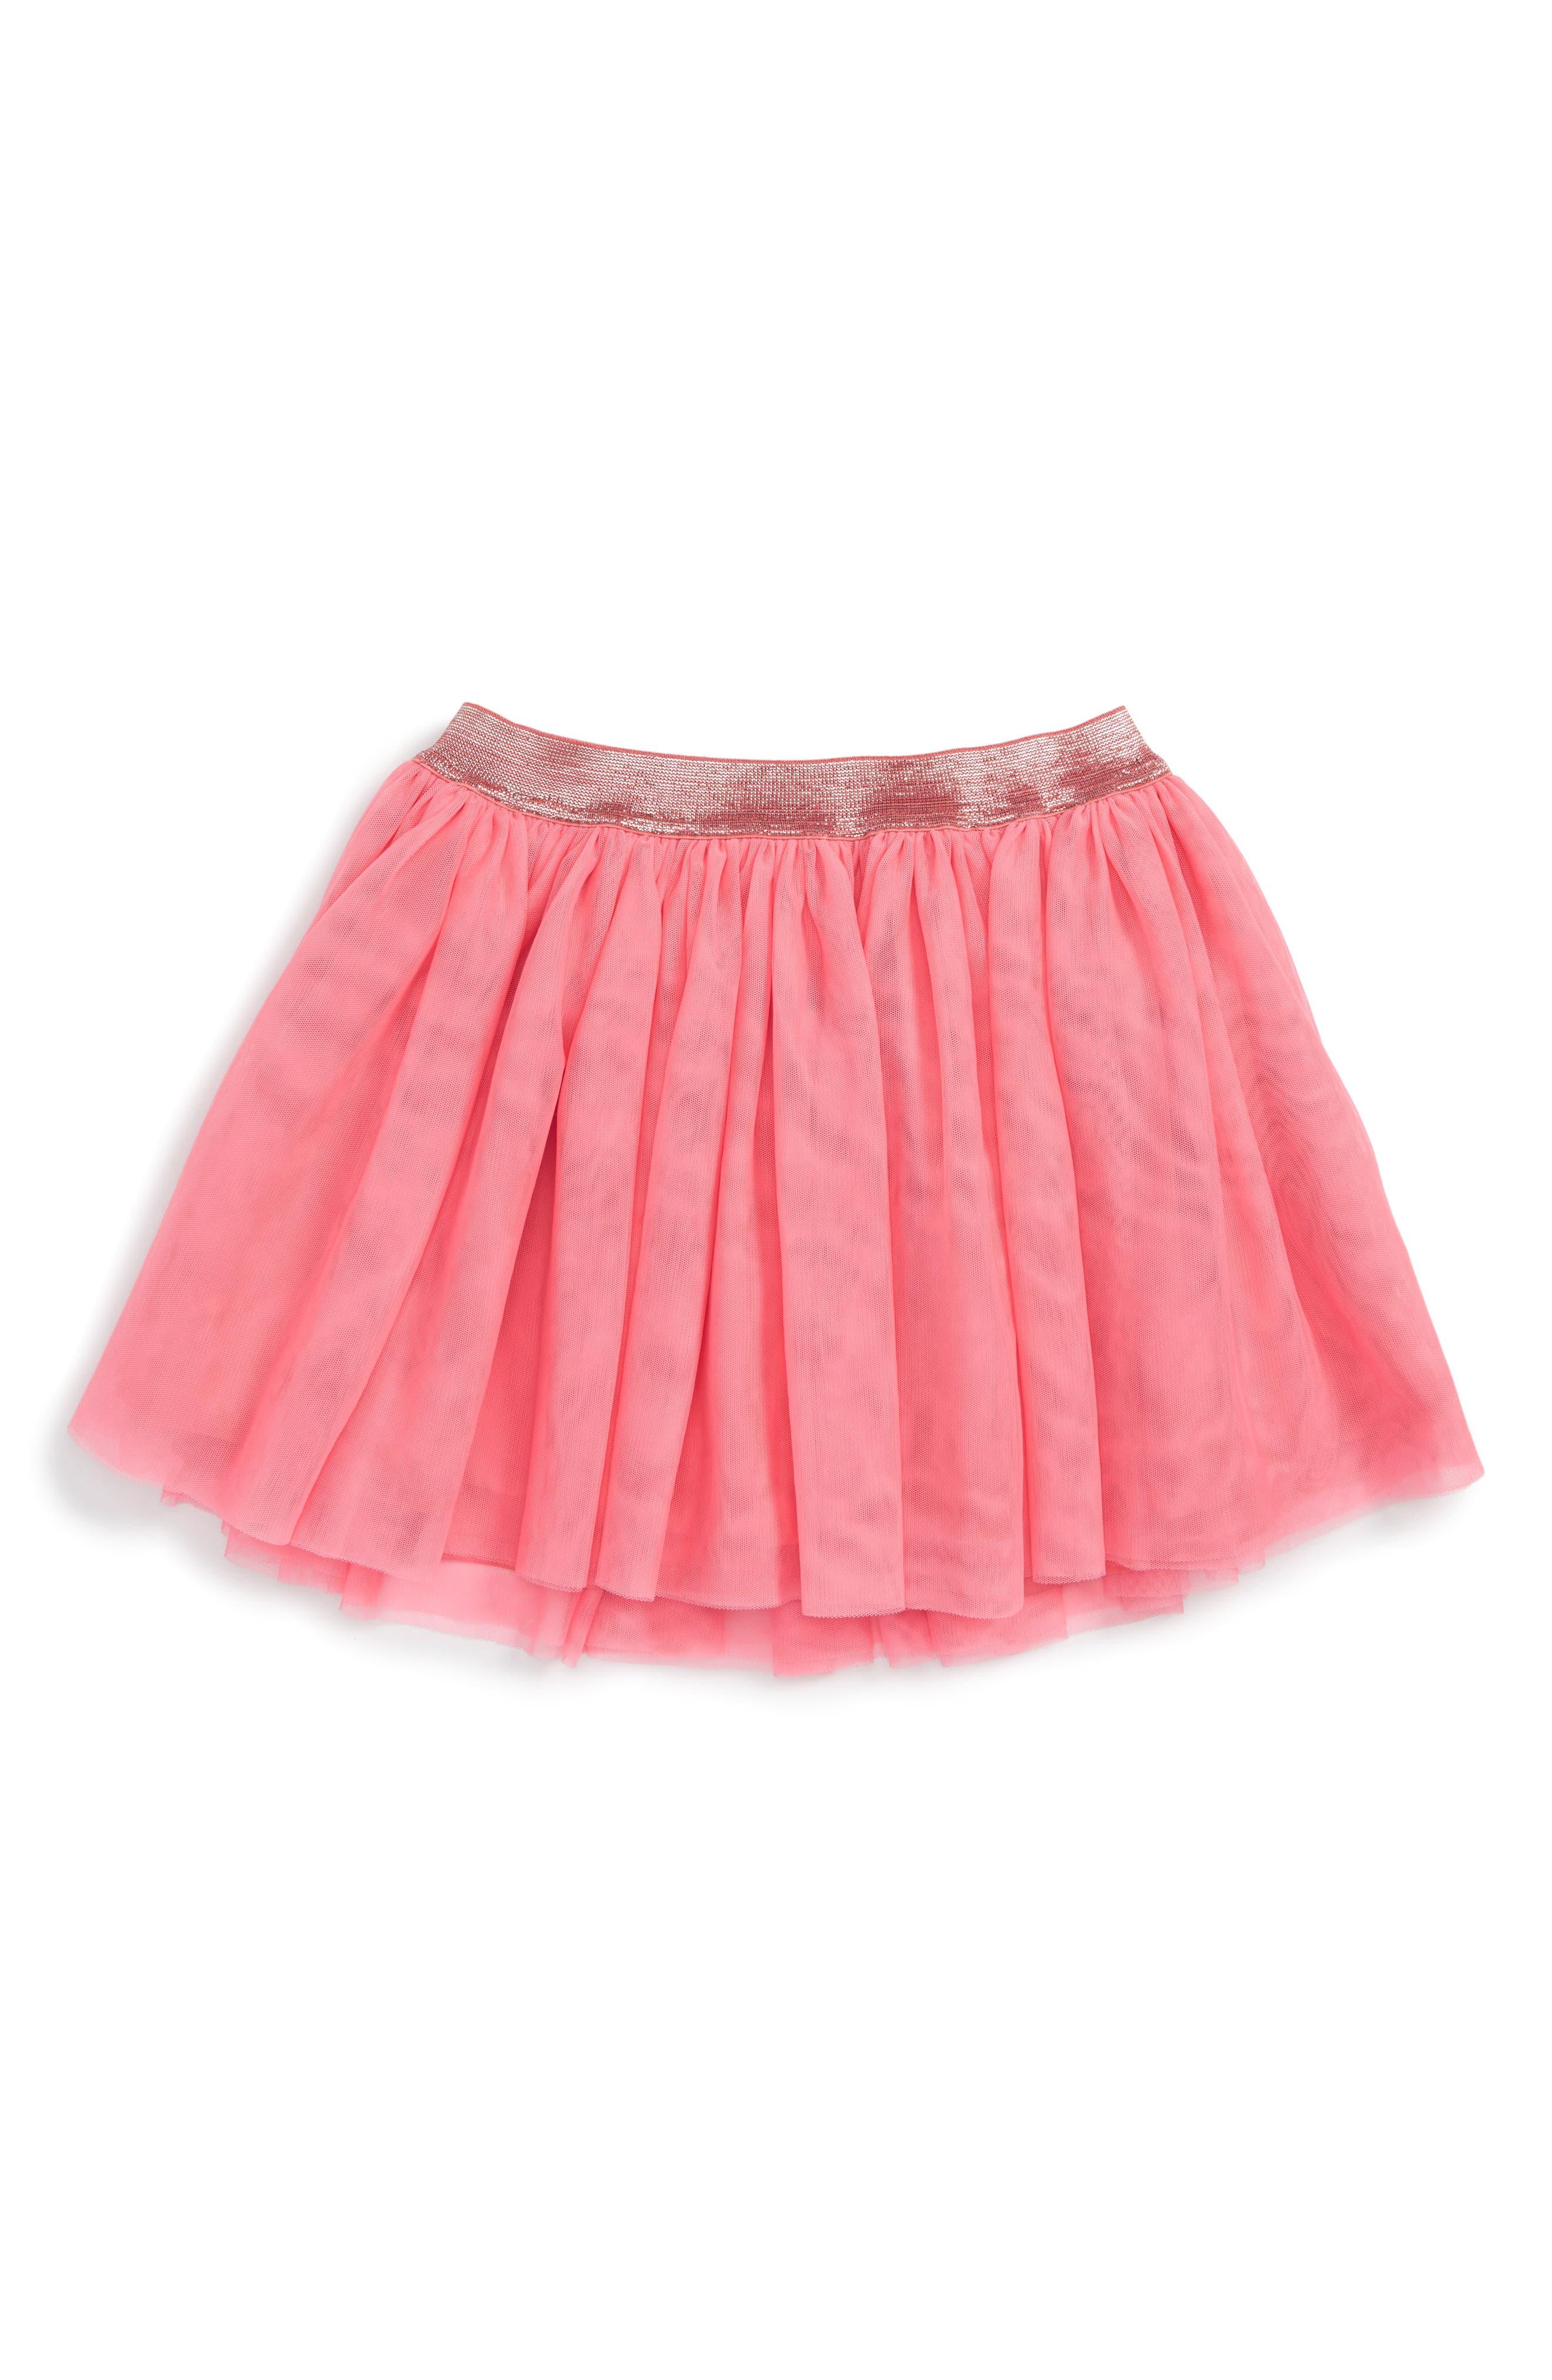 Tucker + Tate Tulle Skirt (Toddler Girls, Little Girls & Big Girls)